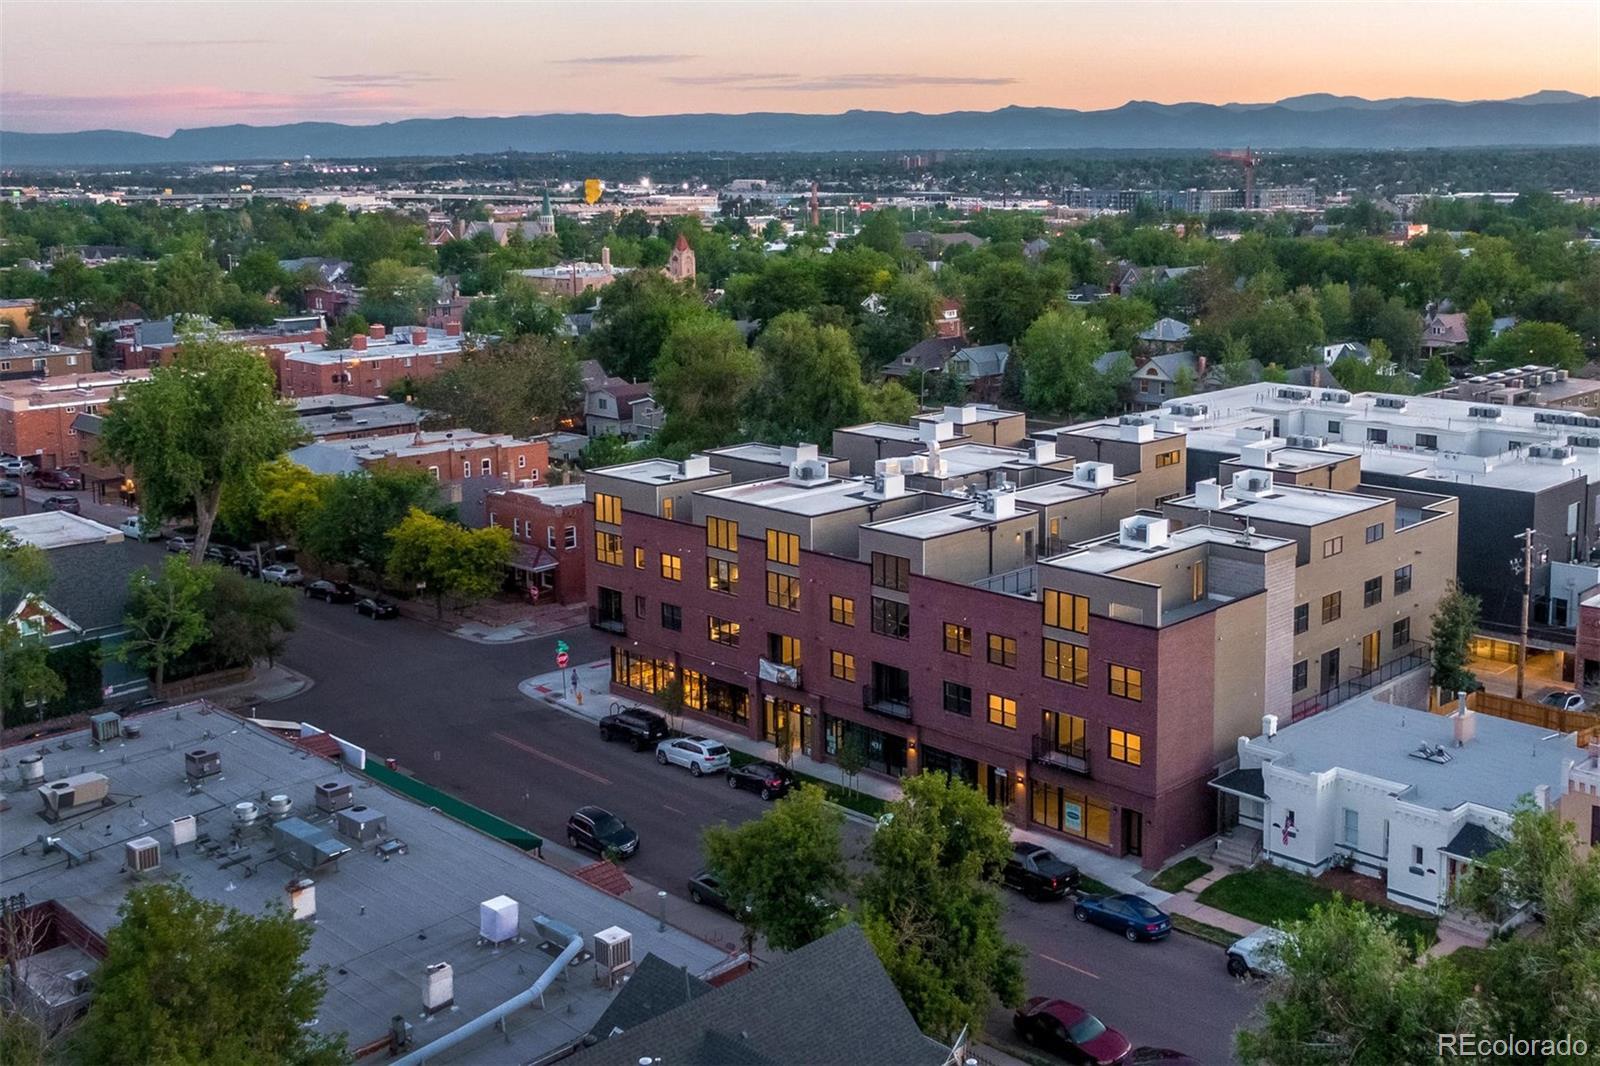 MLS# 1803611 - 2 - 431 E Bayaud Avenue #214, Denver, CO 80209